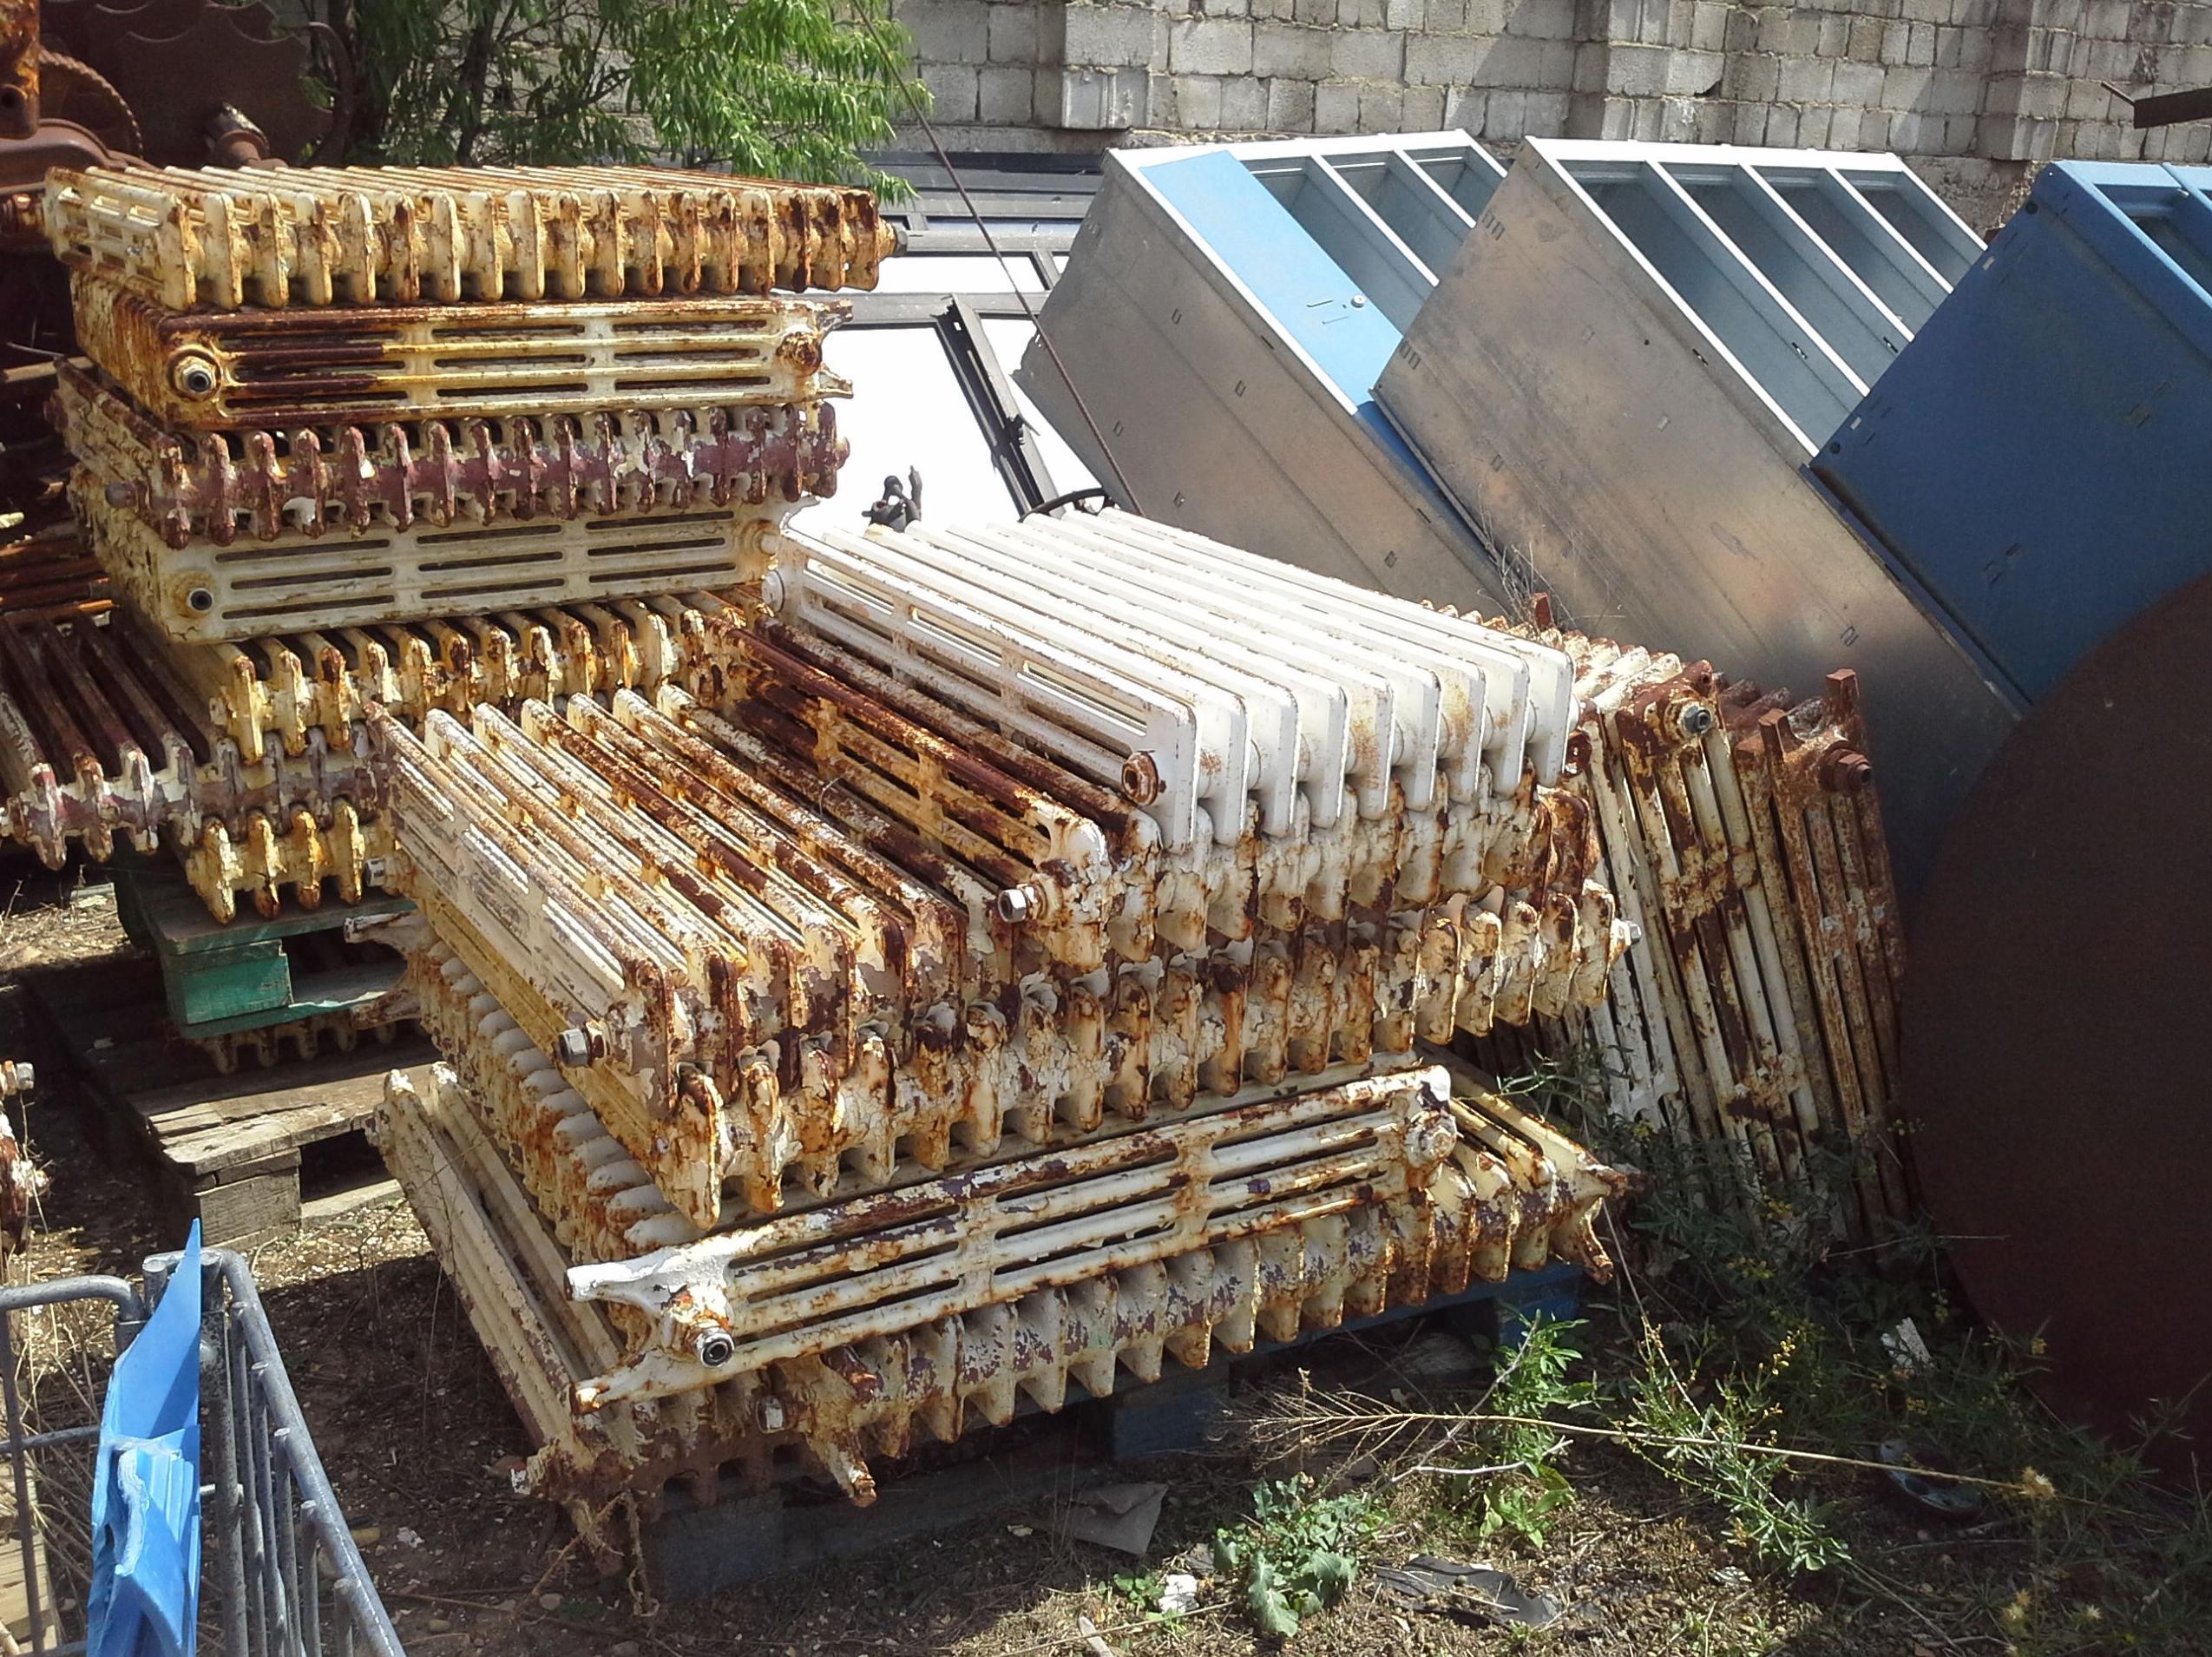 Radiadores de hierro fundido cat logo de desguaces y - Radiadores de hierro fundido ...